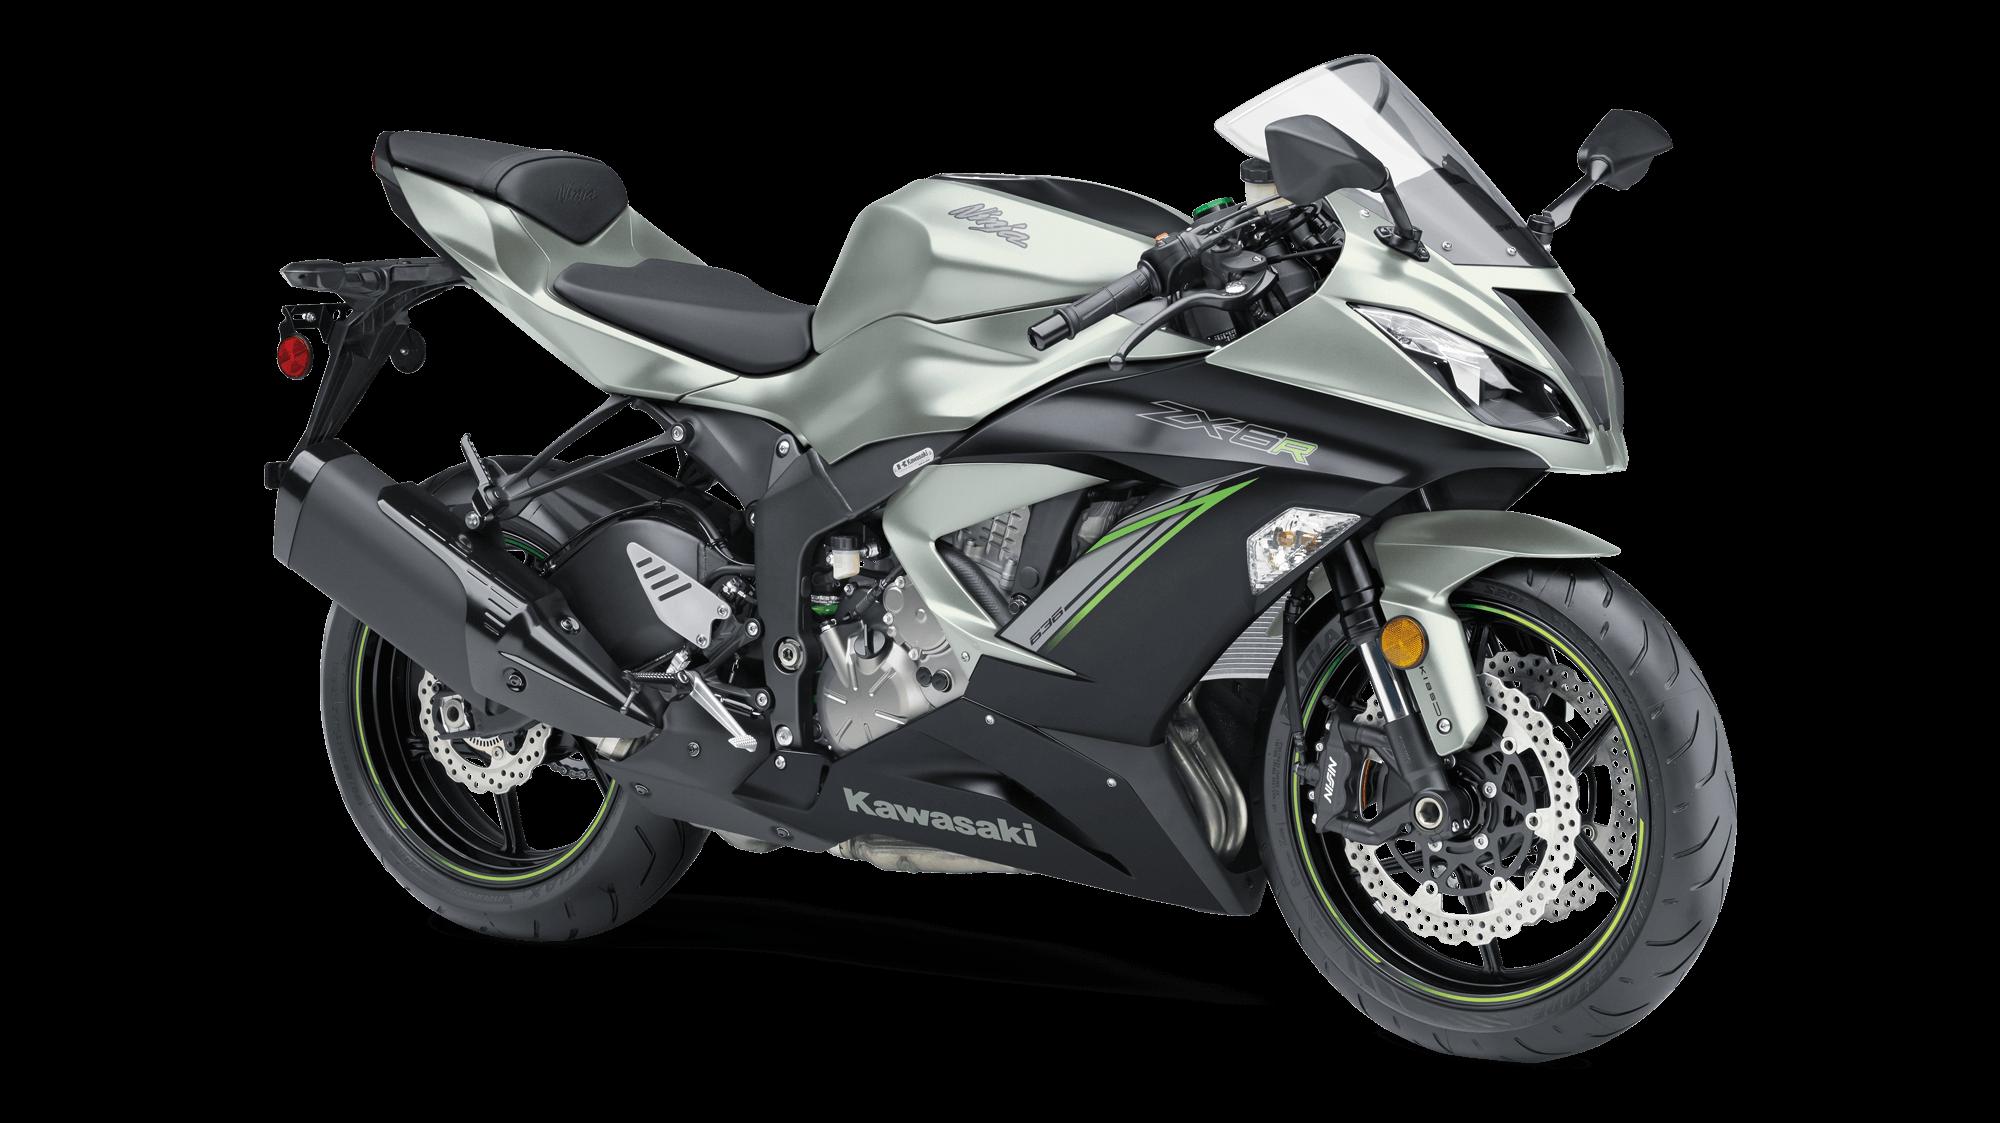 2018 Kawasaki Ninja 636 >> 2018 Ninja Zx 6r Abs Ninja Motorcycle By Kawasaki